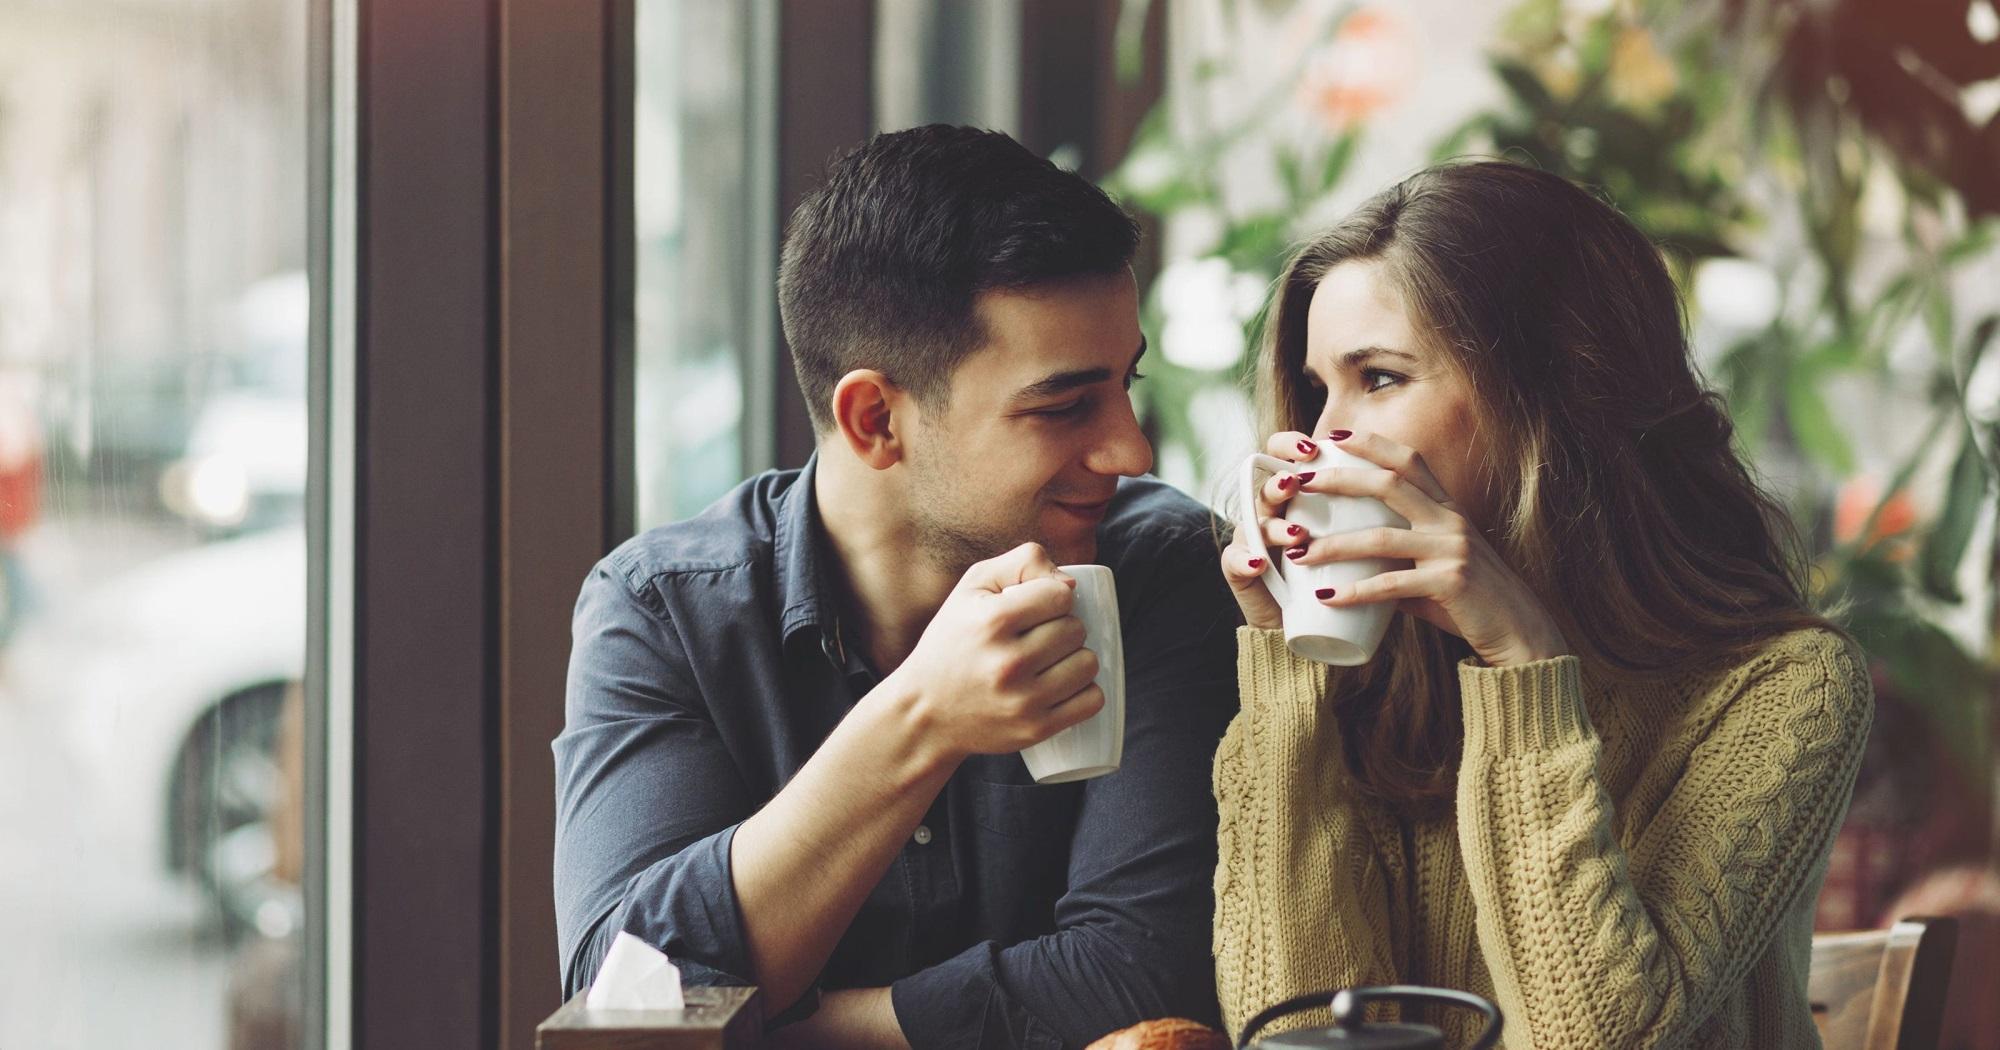 10 lợi ích của cuộc sống độc thân, những điều khi có gia đình rồi nhiều người sẽ ao ước - Ảnh 7